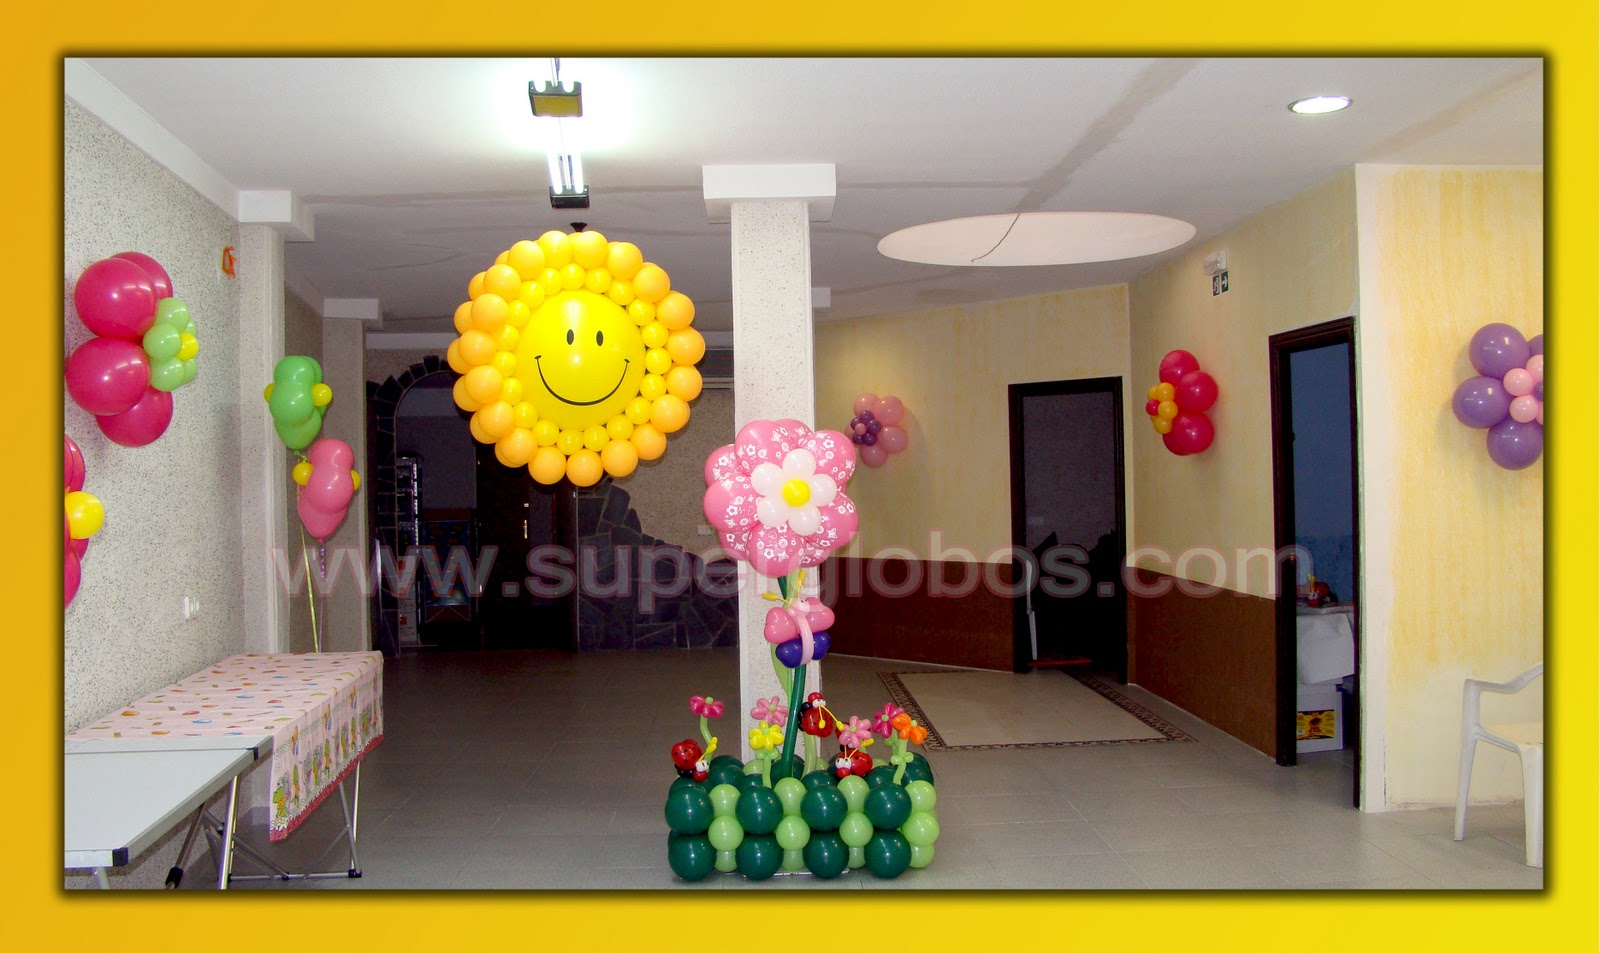 Decoracion con globos paso a paso for Decoracion de globos para fiestas infantiles paso a paso